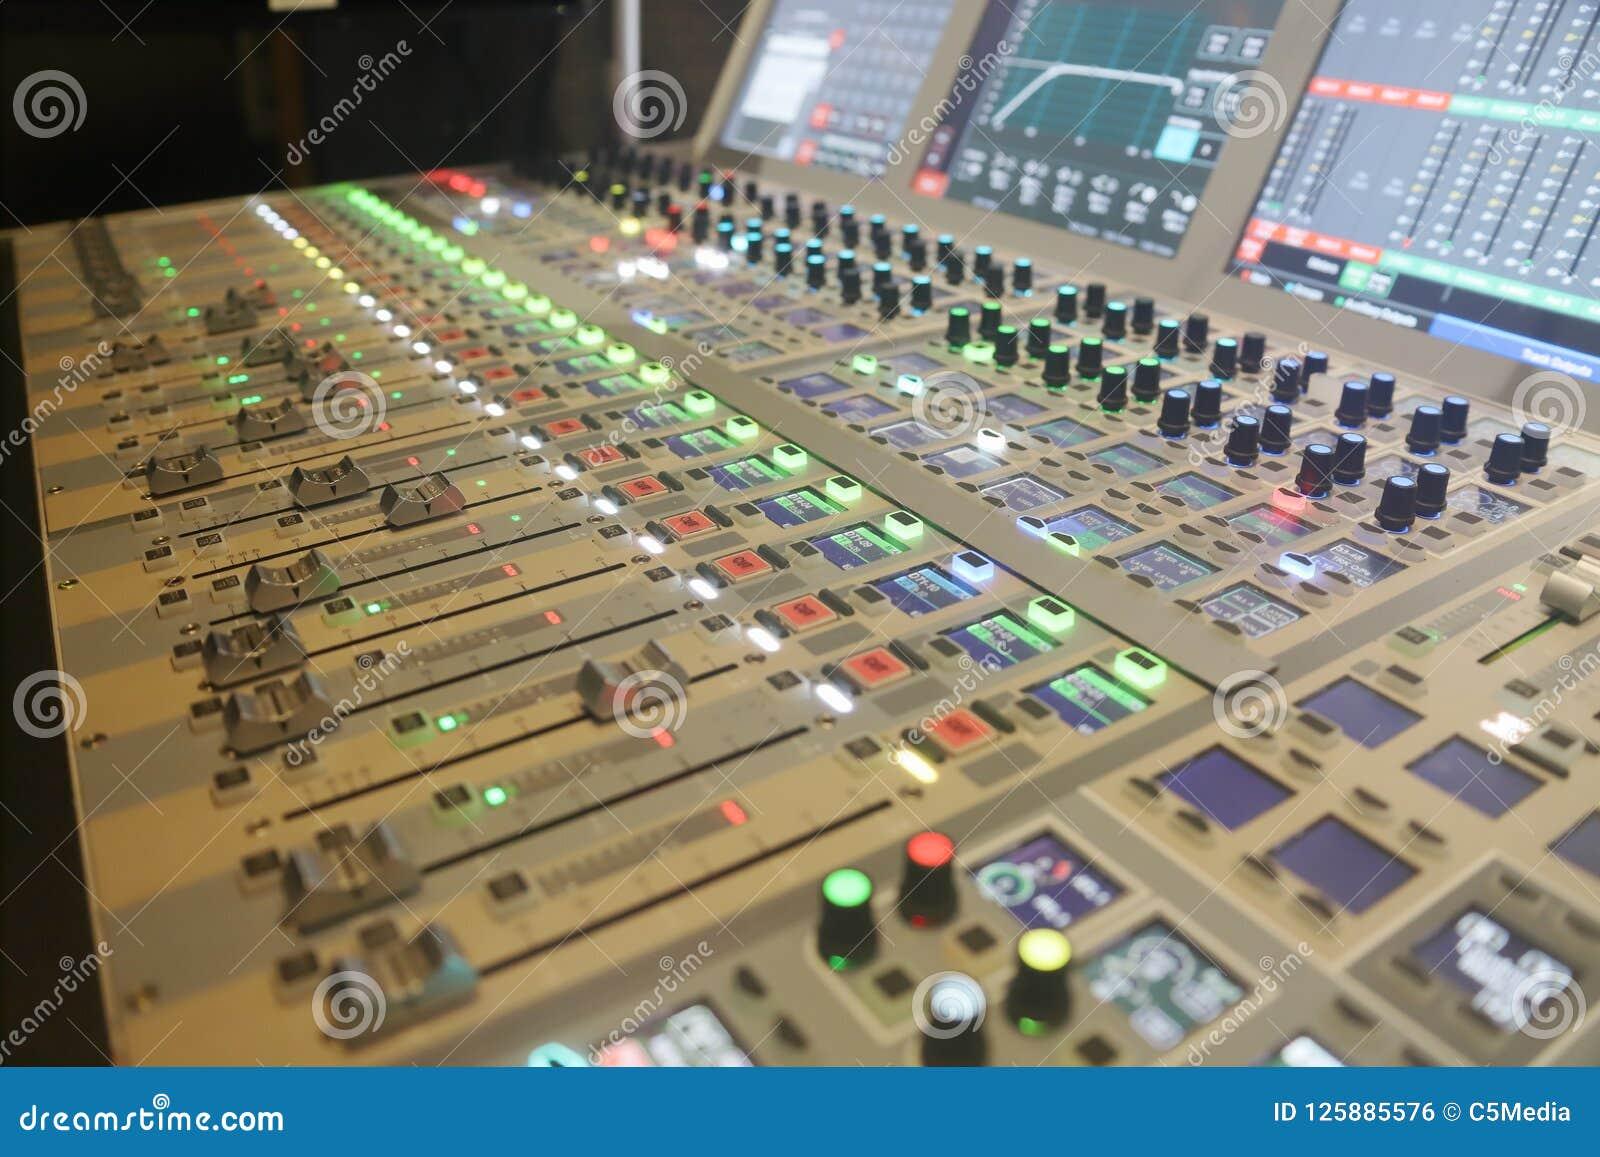 数字式共鸣板用于混合音频